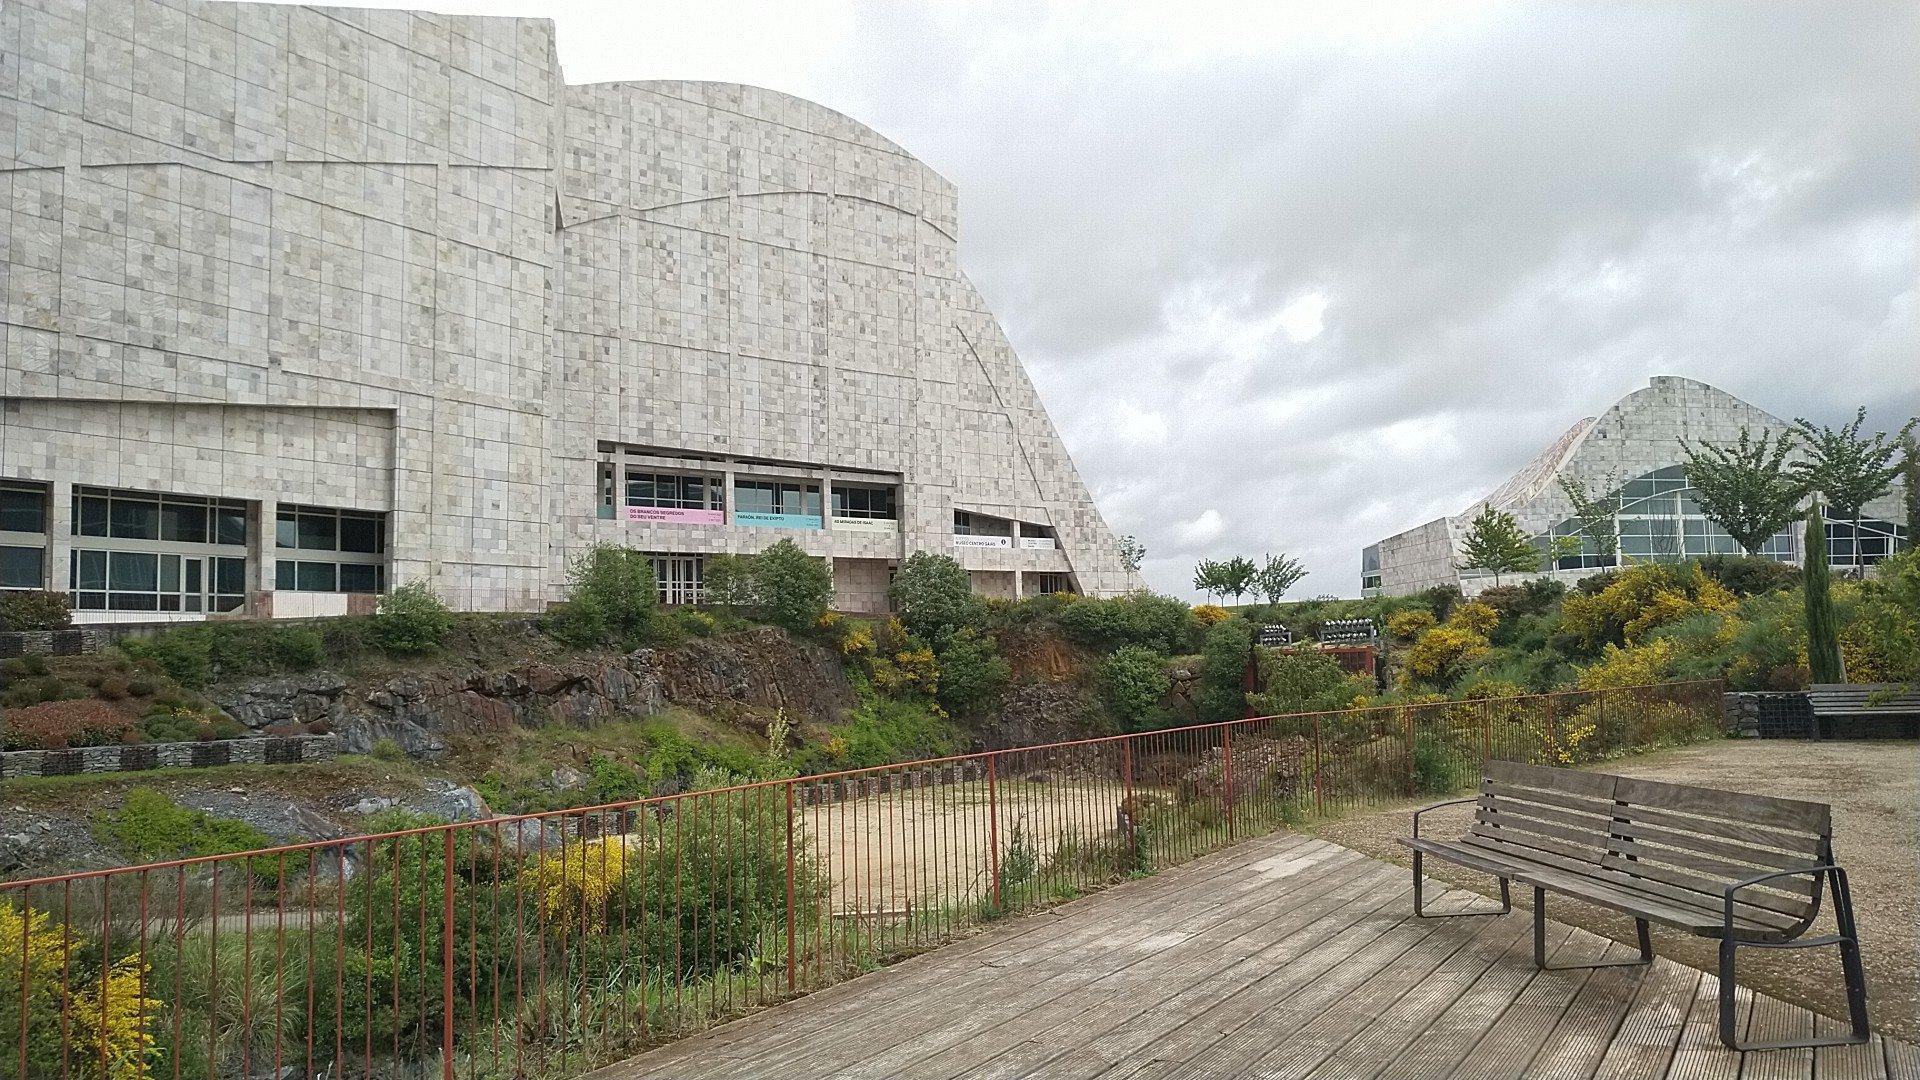 foto dun edificio da Cidade da cultura